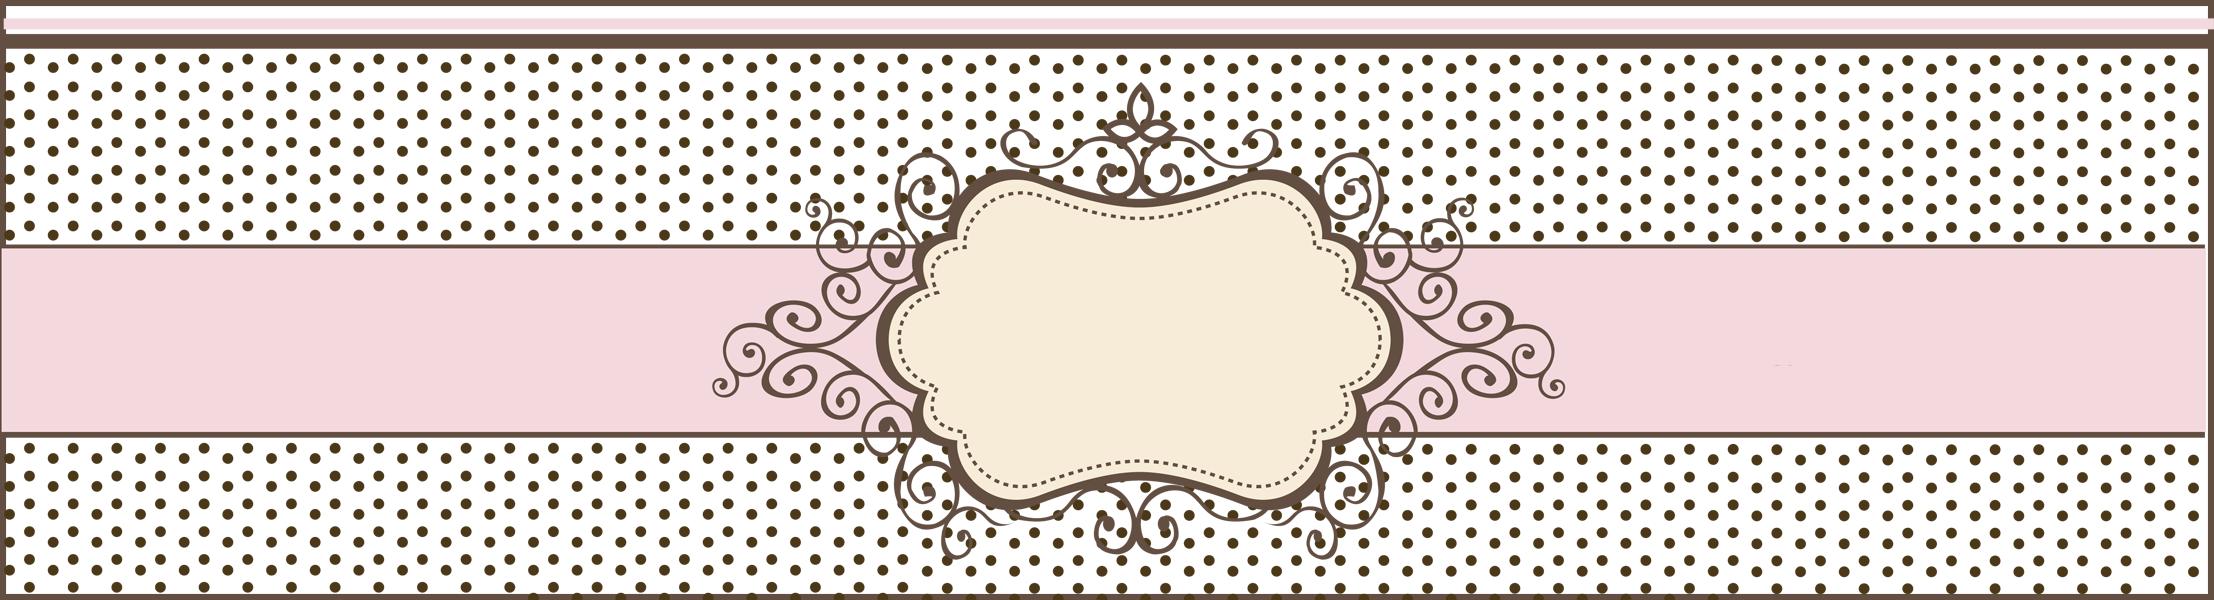 ثيمات جاهزة للتصميم Artwork Cards Art Drawings